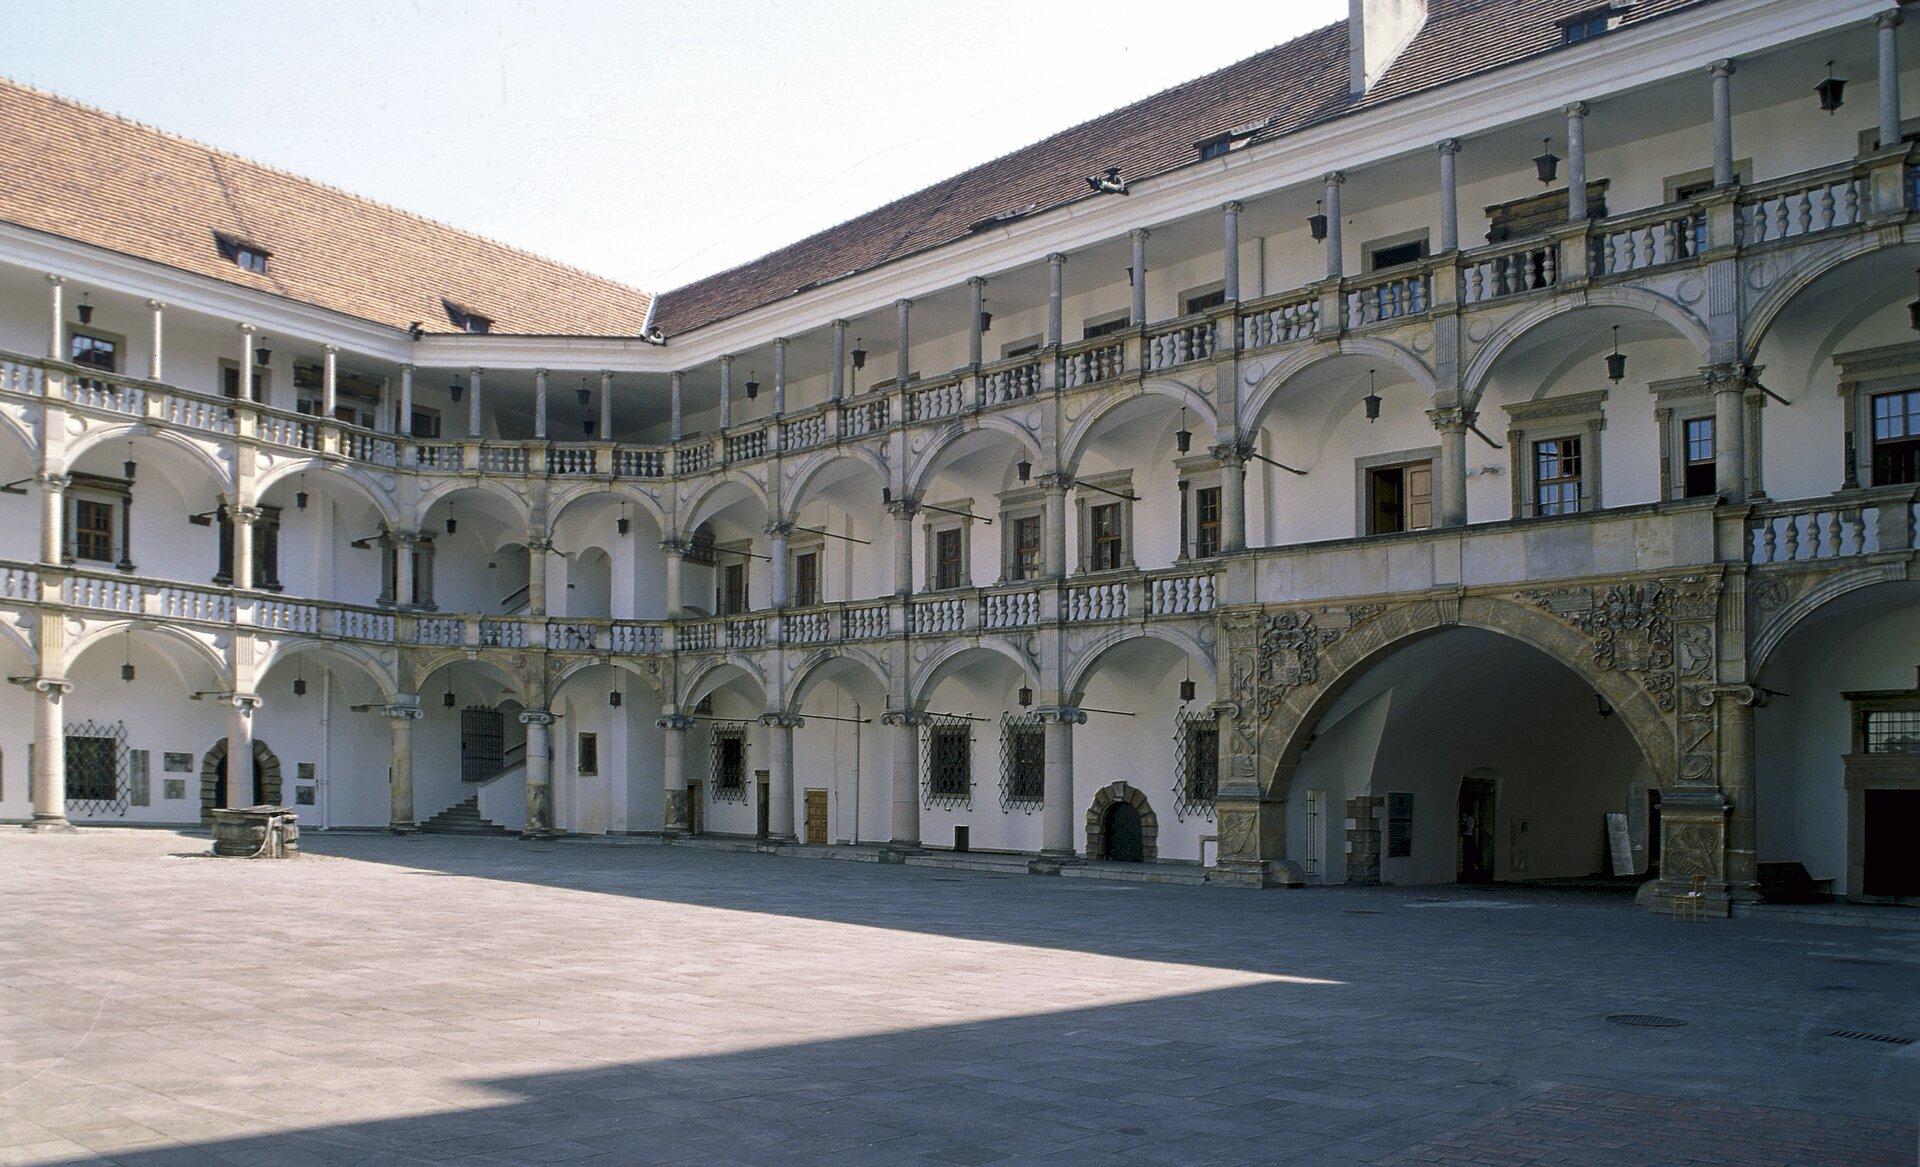 """Renesansowy, krużgankowy dziedziniec zamku wBrzegu.Książę Jerzy II zrodu Piastów wpoł. XVI w. dokonał przebudowyswojej siedziby wBrzegu wstylu renesansowym. Wzorem była dla niego przebudowa Wawelu przez Jagiellonów. Podobieństwa spowodowały nadanie zamkowi brzeskiemu miana """"Śląskiego Wawelu"""". Prace kontynuowali kolejni Piastowicze na tronie księstwa: Fryderyk II iJerzy II. Wlatach 1554-1560 wzniesiono reprezentacyjną bramę wjazdową ozdobioną posągami fundatora ijego małżonki oraz popiersiami swoich przodków. Renesansowy, krużgankowy dziedziniec zamku wBrzegu.Książę Jerzy II zrodu Piastów wpoł. XVI w. dokonał przebudowyswojej siedziby wBrzegu wstylu renesansowym. Wzorem była dla niego przebudowa Wawelu przez Jagiellonów. Podobieństwa spowodowały nadanie zamkowi brzeskiemu miana """"Śląskiego Wawelu"""". Prace kontynuowali kolejni Piastowicze na tronie księstwa: Fryderyk II iJerzy II. Wlatach 1554-1560 wzniesiono reprezentacyjną bramę wjazdową ozdobioną posągami fundatora ijego małżonki oraz popiersiami swoich przodków. Źródło: Jerzy Strzelecki, Wikimedia Commons, licencja: CC BY-SA 3.0."""